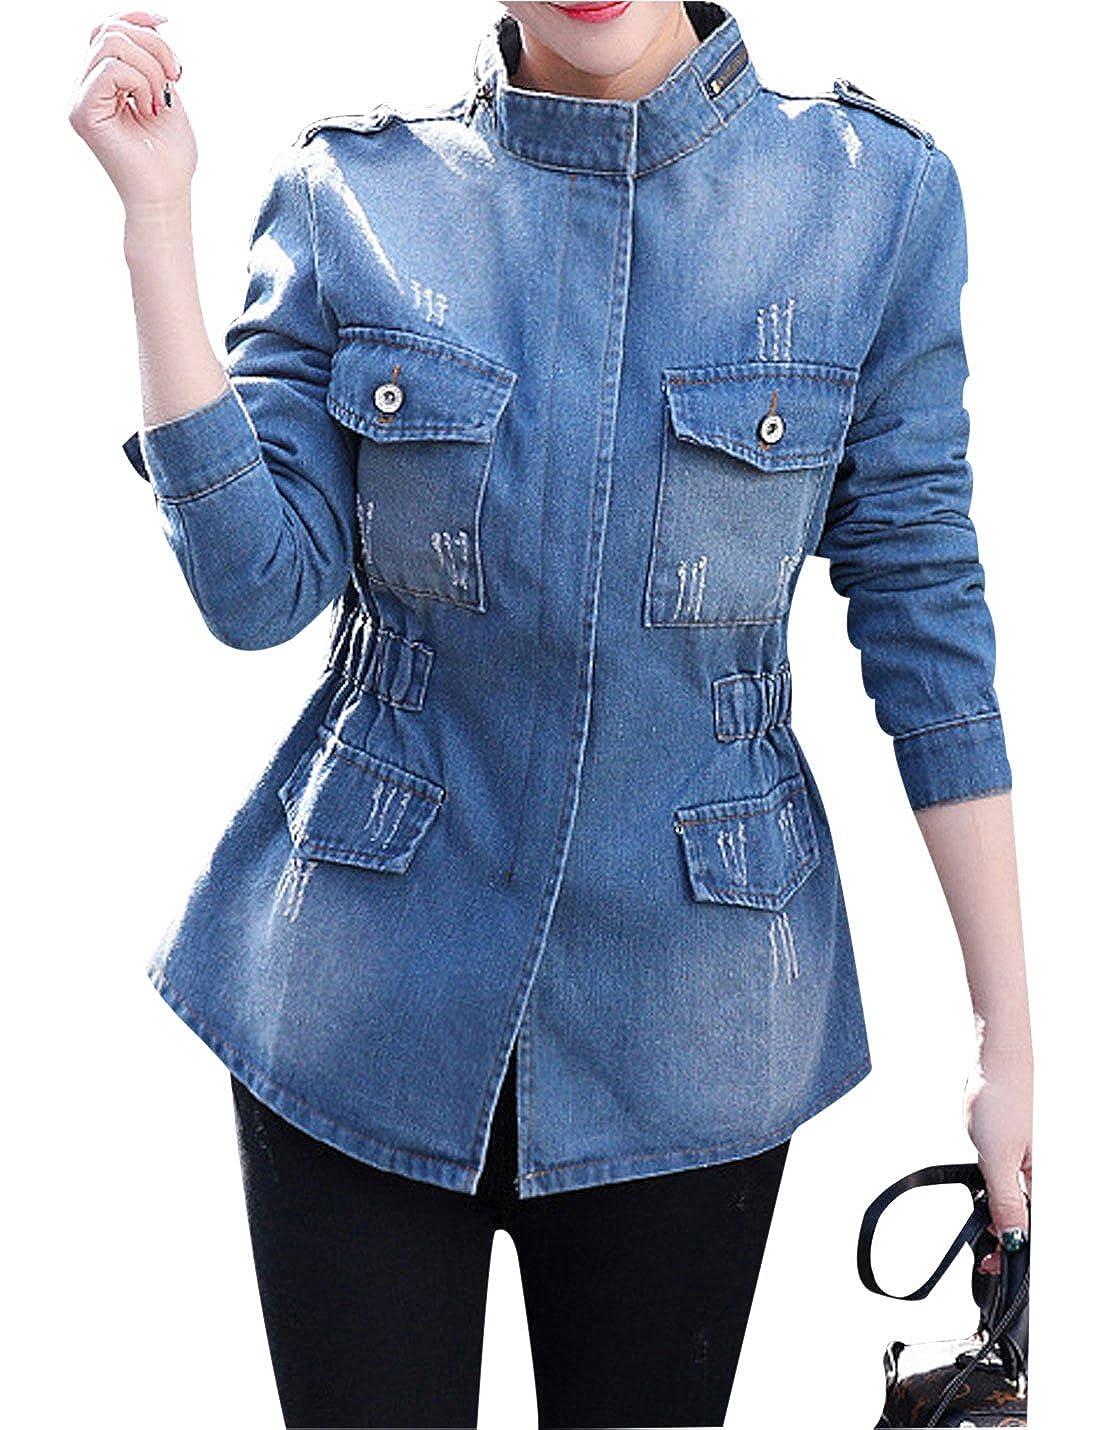 Yeokou Women's Casual Slim Mid Long Denim Jean Windbreaker Jacket Coat